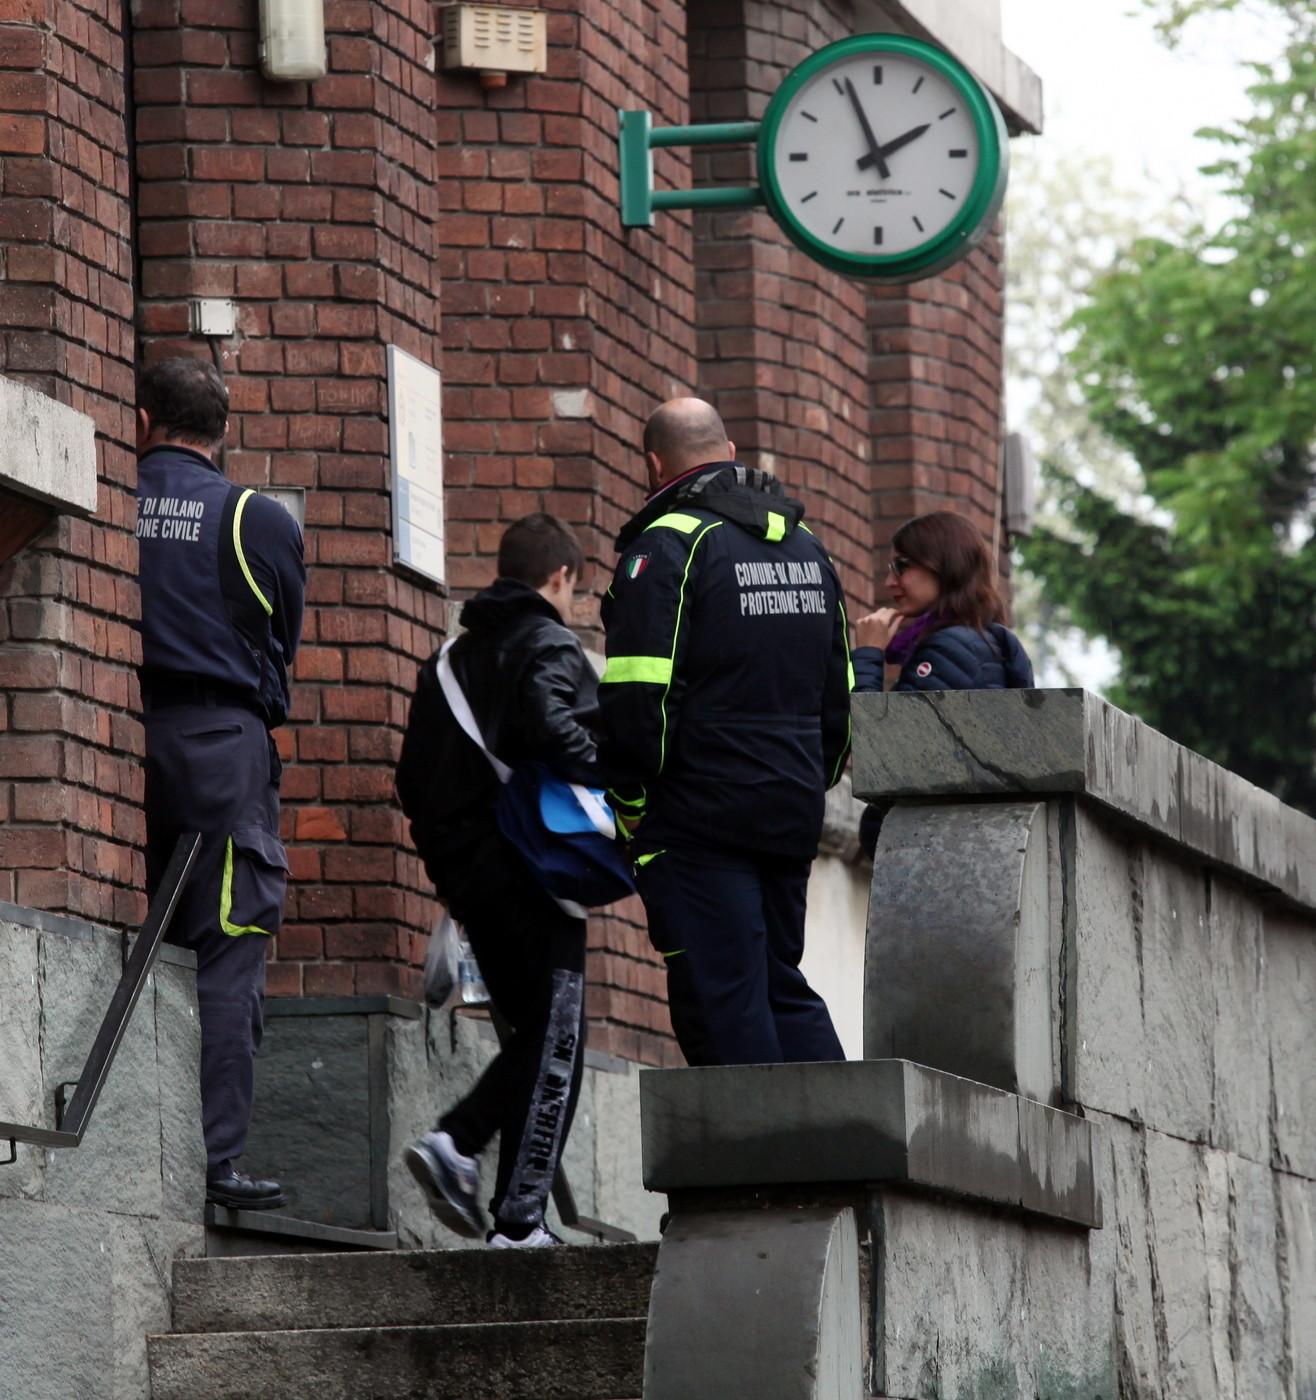 Pavia e Cremona, nelle scuole 38 ragazzi attaccati con lo spray al peperoncino: nessuno è grave